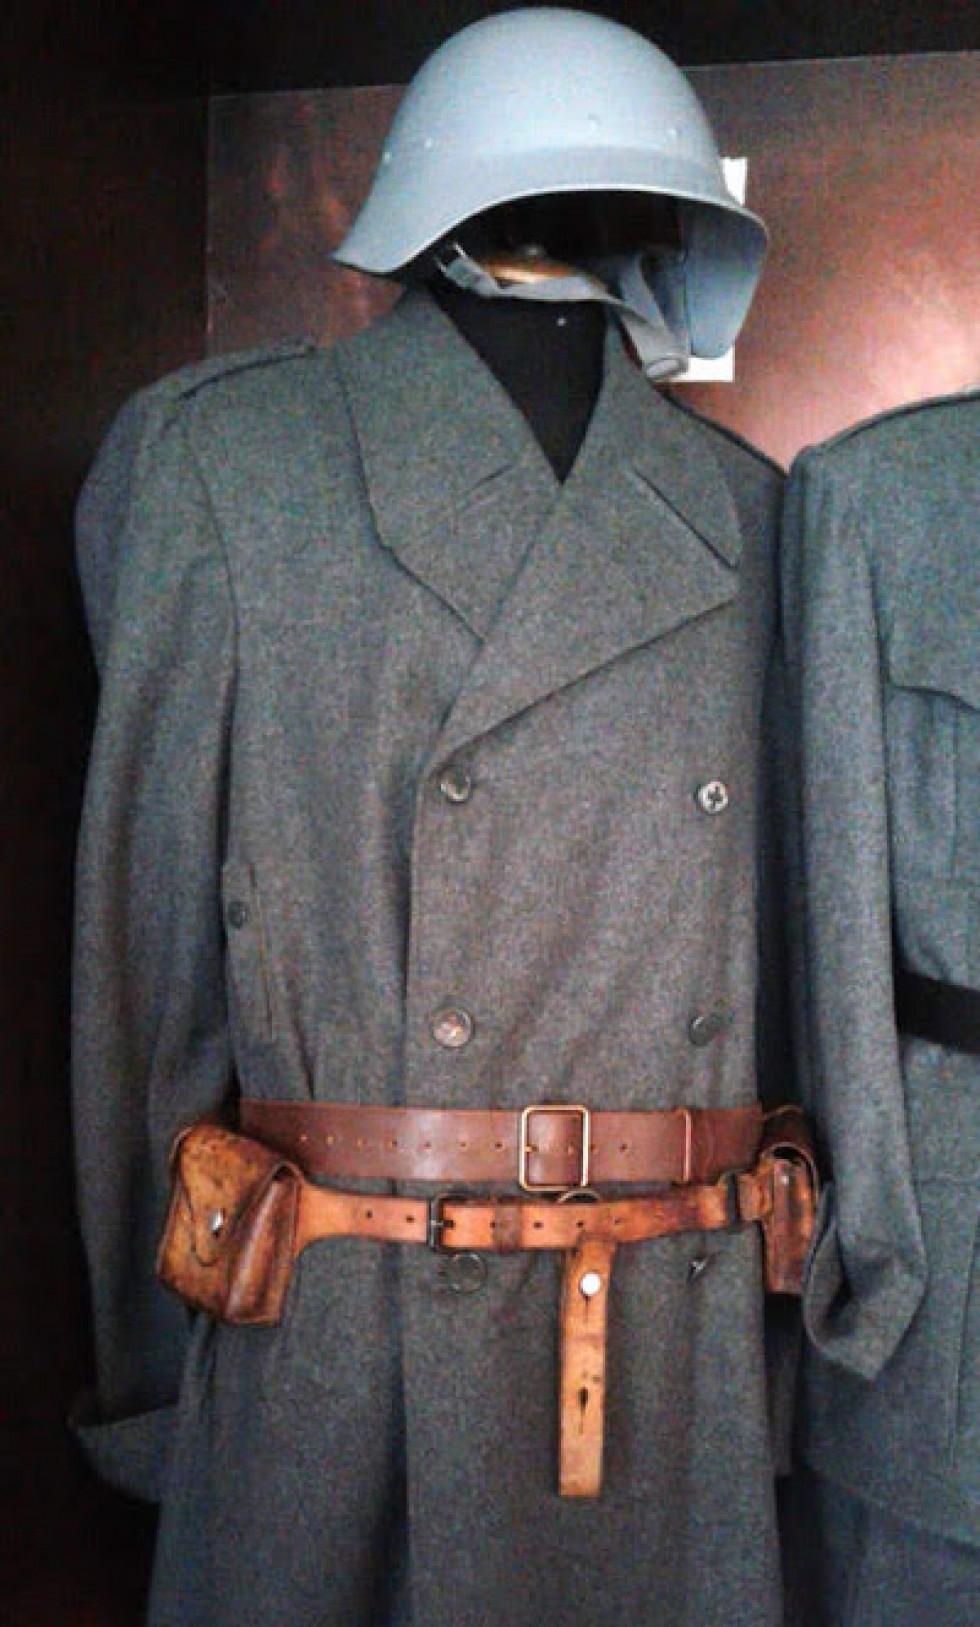 Так виглядала одіж швейцарського солдата періоду Другої Світової війни